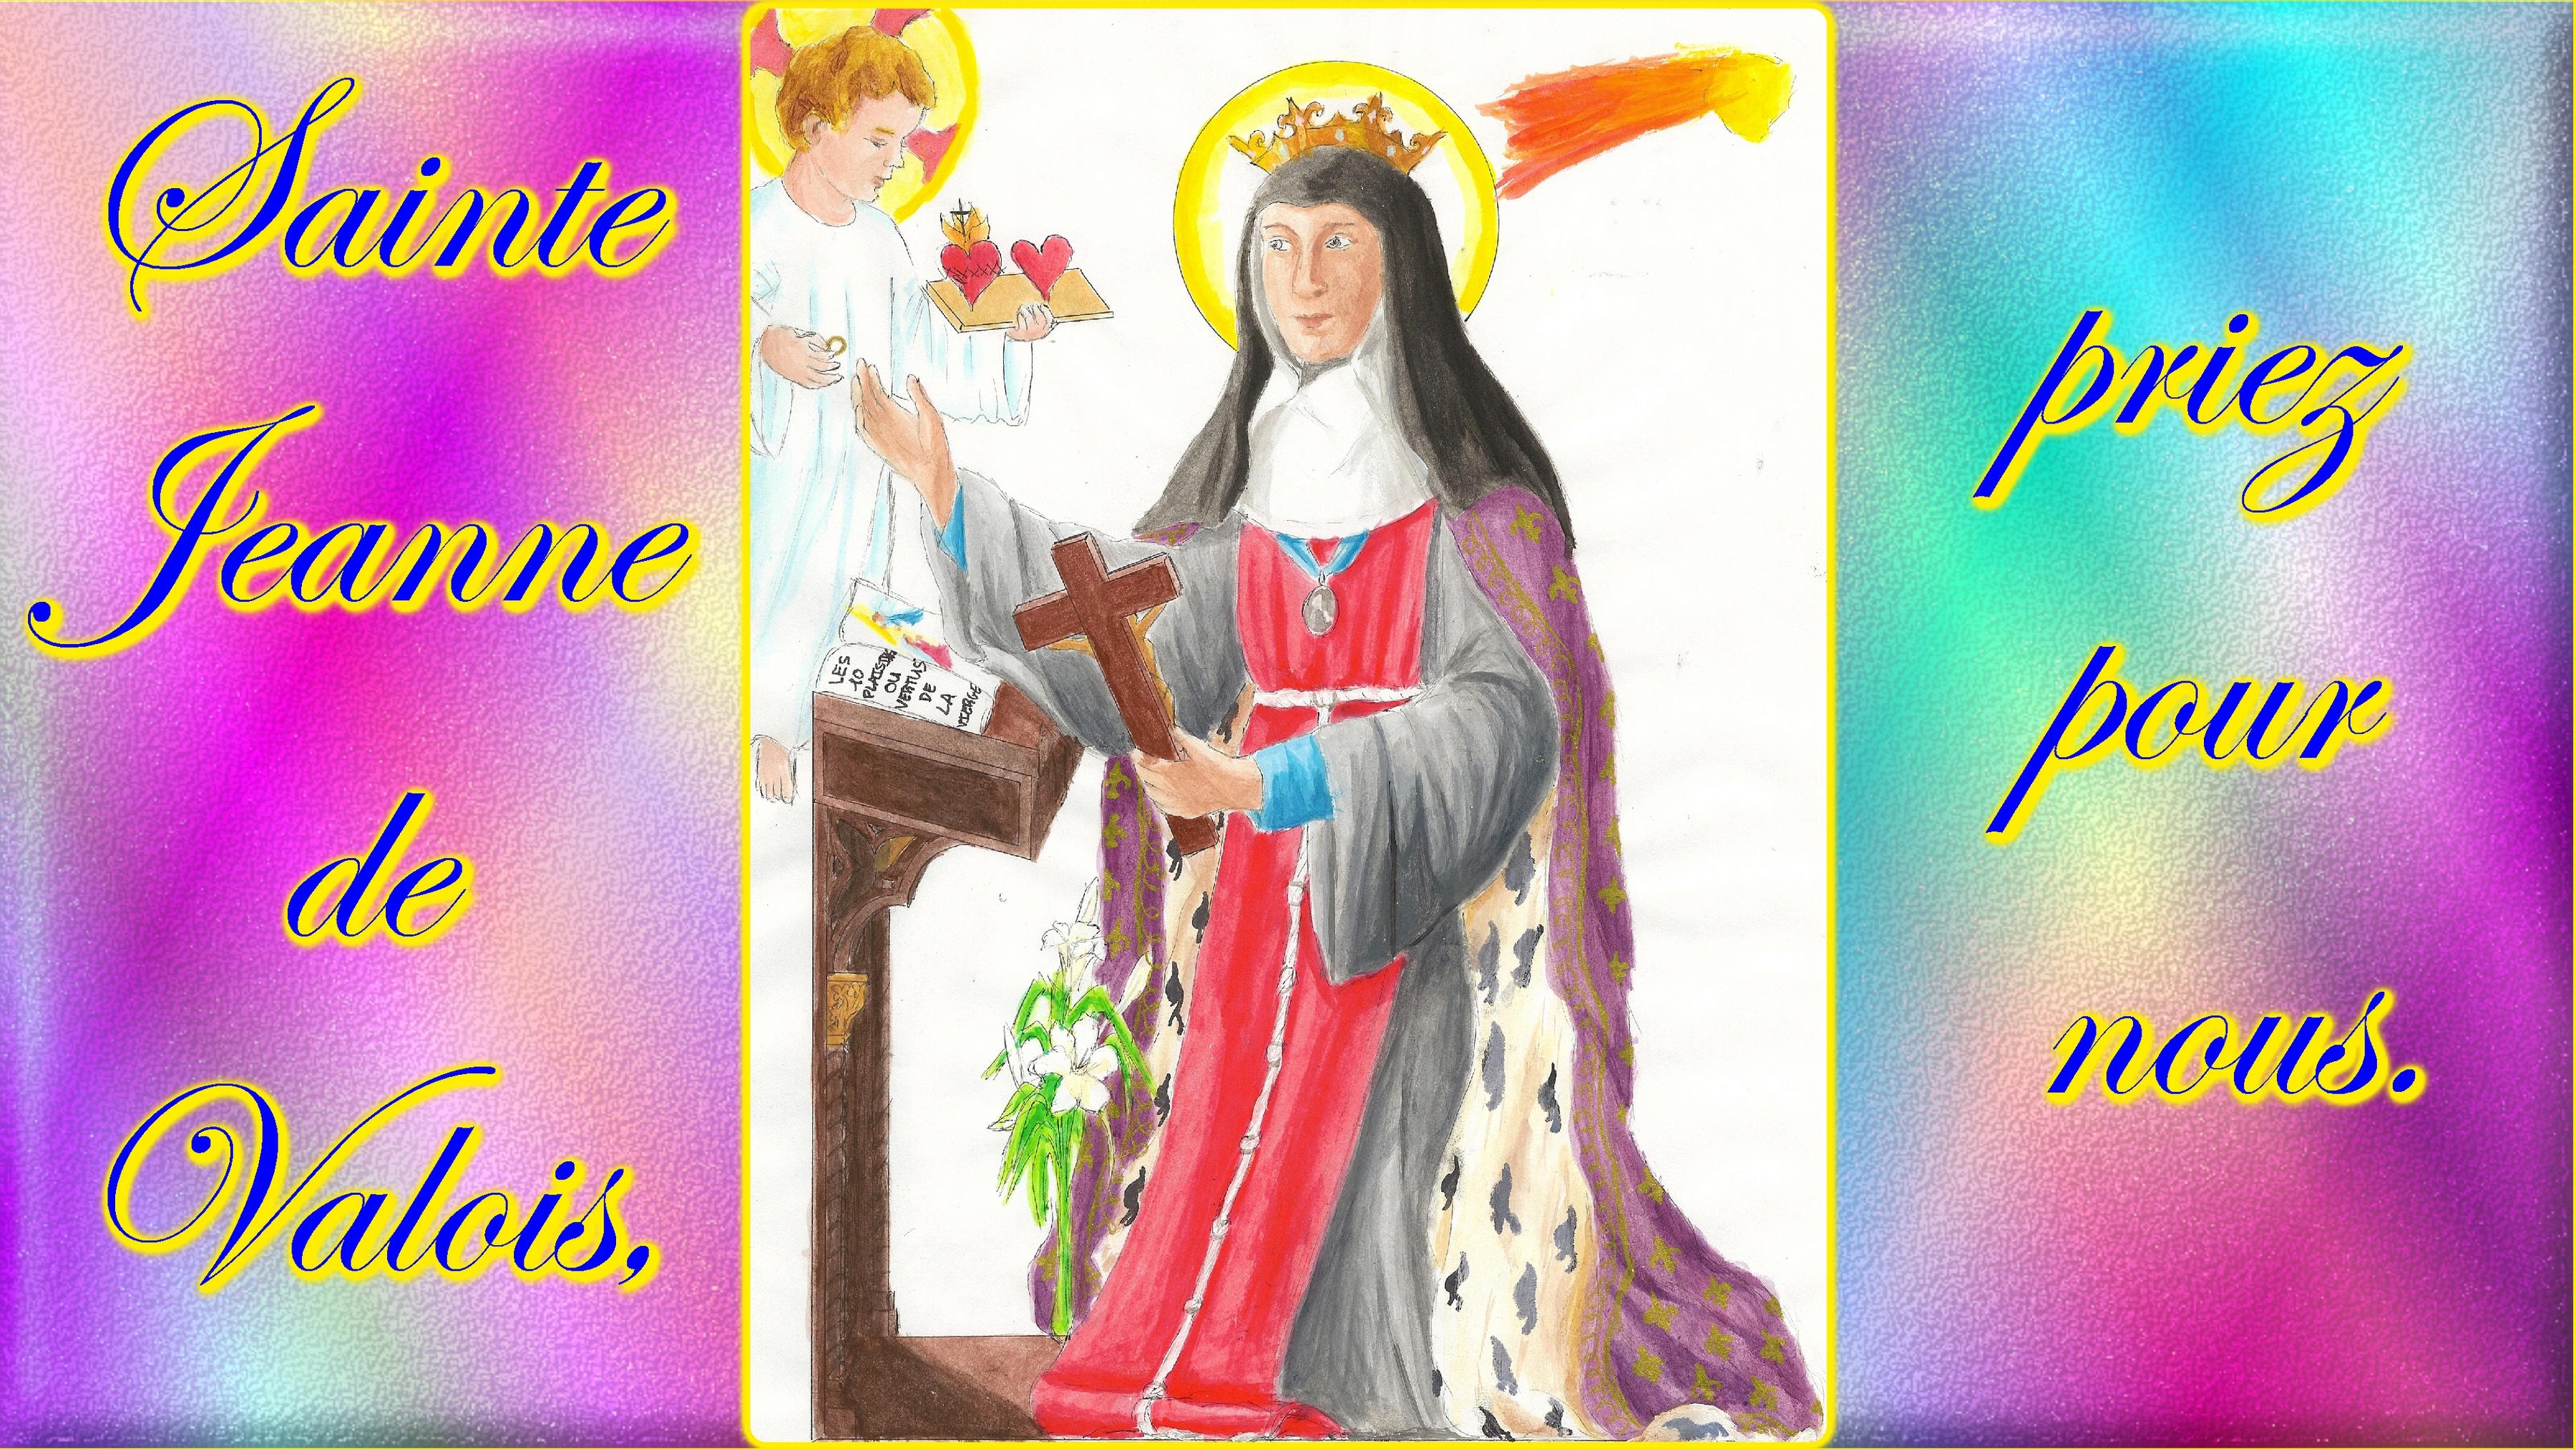 CALENDRIER CATHOLIQUE 2020 (Cantiques, Prières & Images) - Page 4 Ste-jeanne-de-valois-5704156